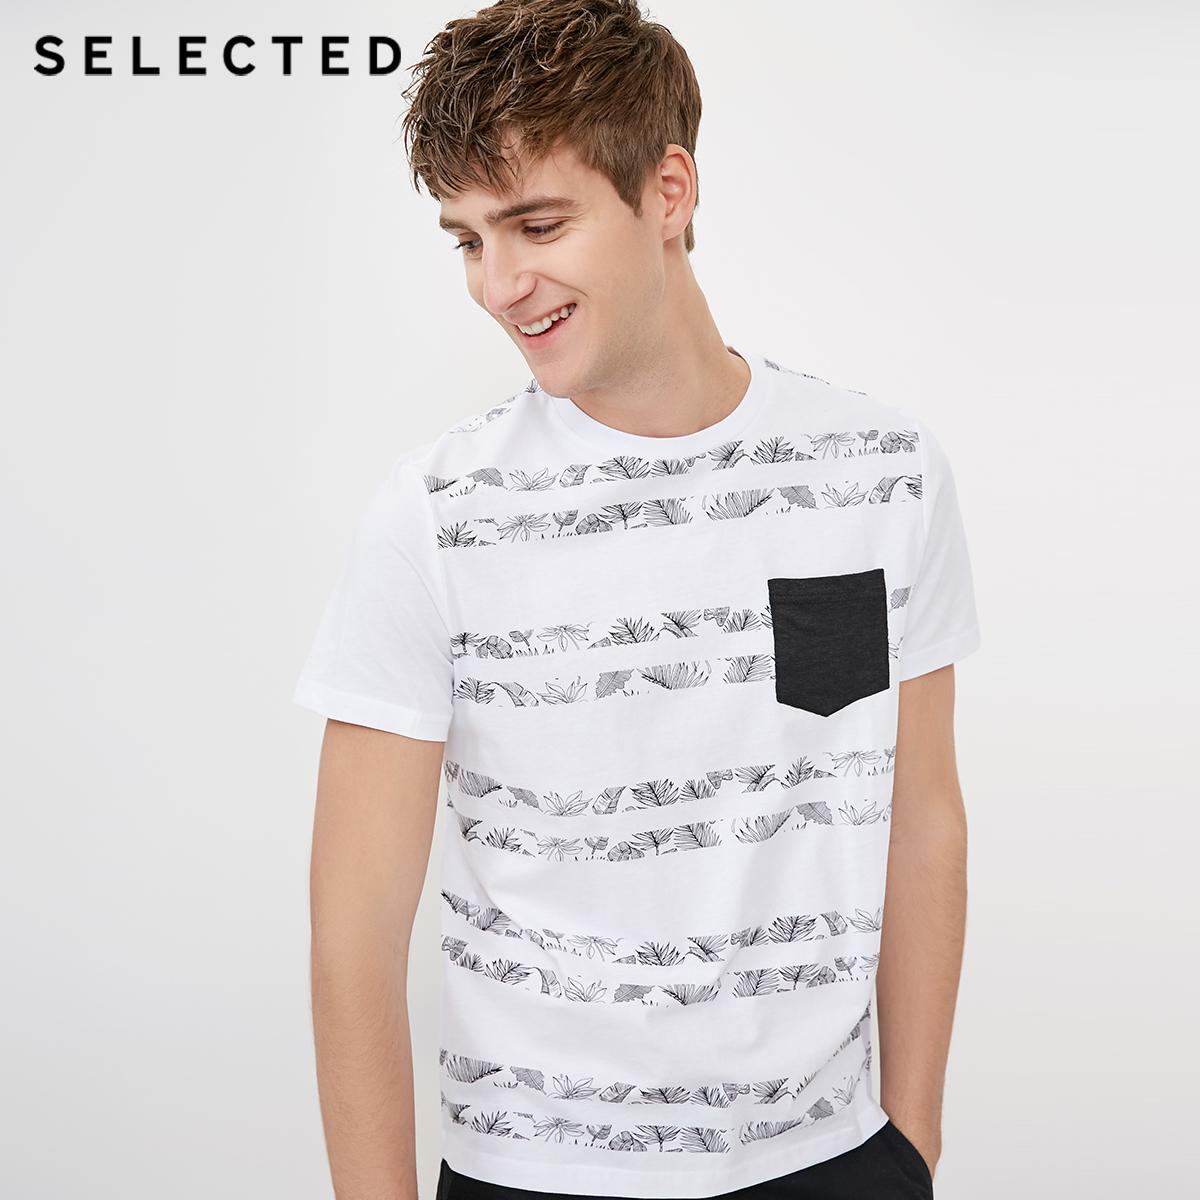 SELECTED мысль сорняки мораль новый человек хлопок печать круглый вырез бизнес повседневный короткий рукав T футболки C|4182T4572